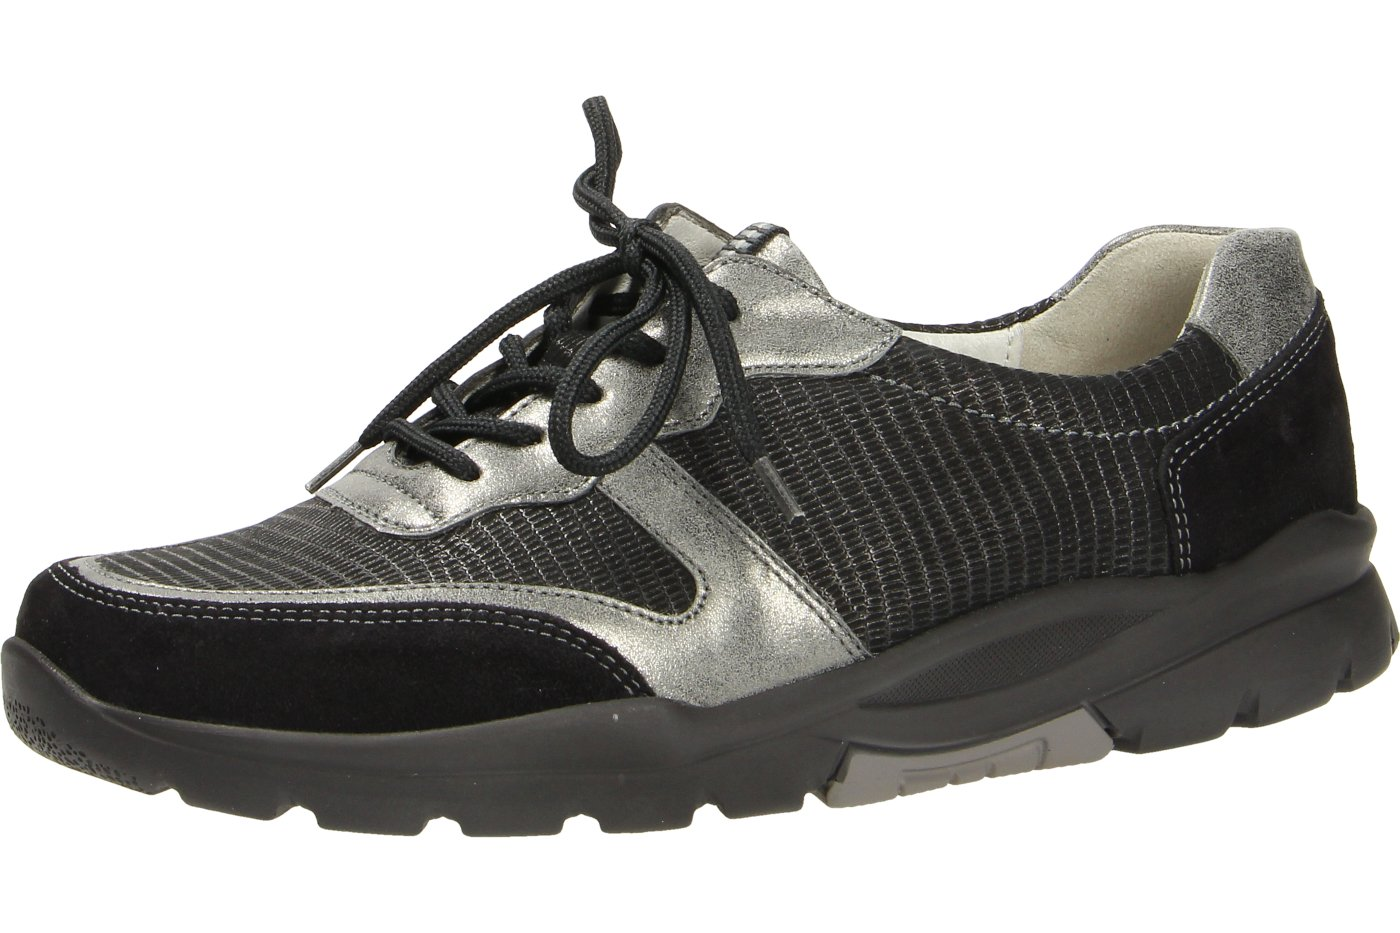 Waldläufer Haruka 345002t300564 zapato con cordones para mujer 38 EU Negros